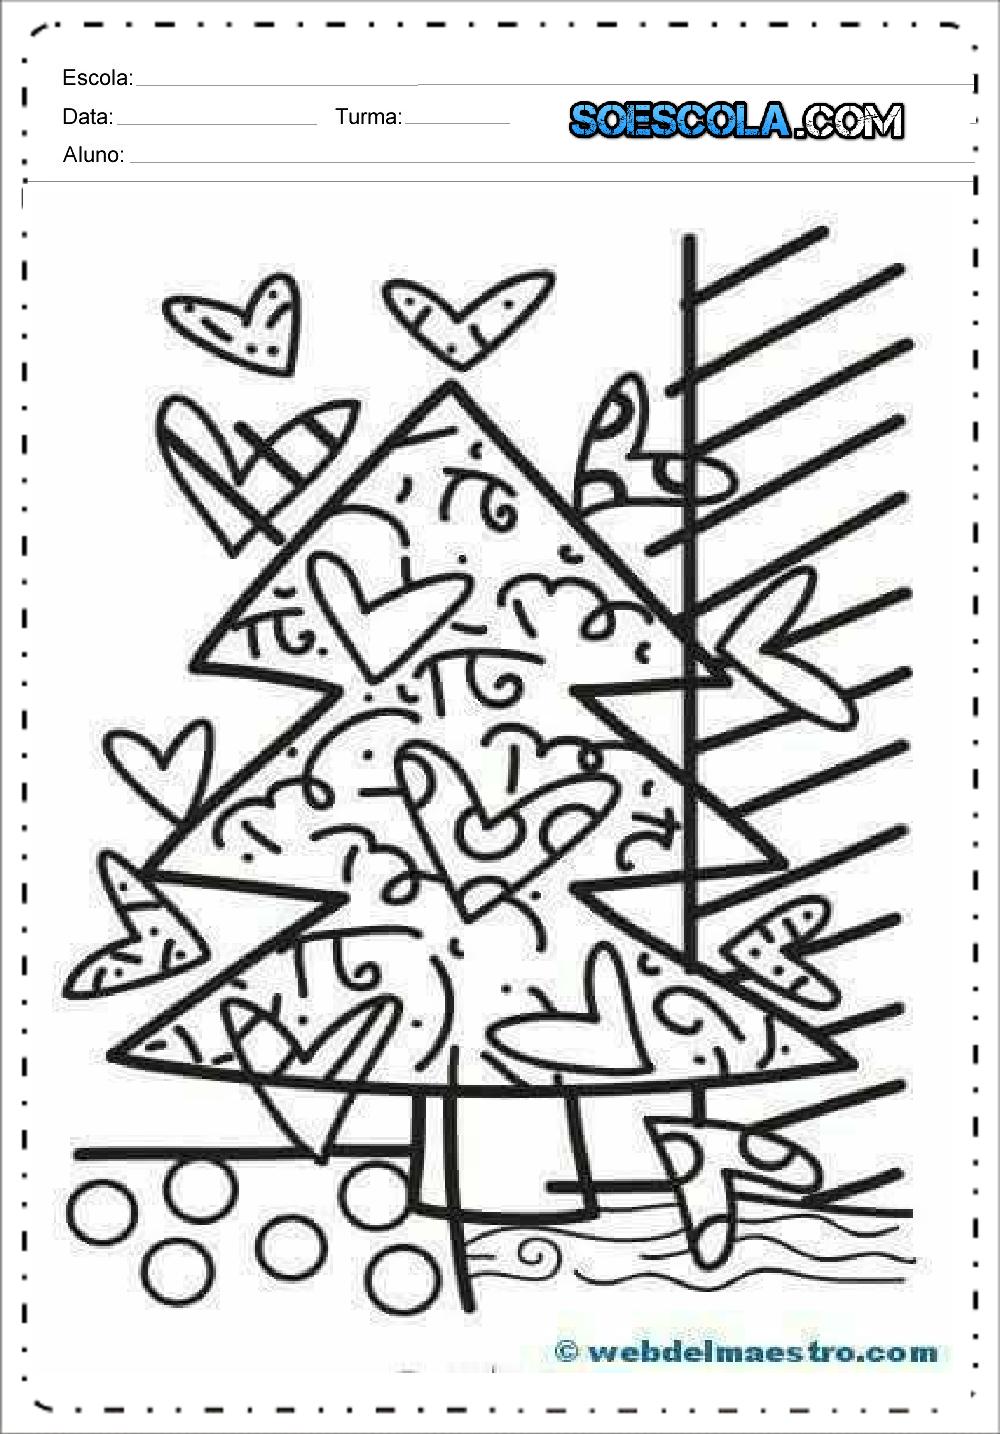 Desenhos Contorno Chapado De Natal Para Colorir Arvore So Escola